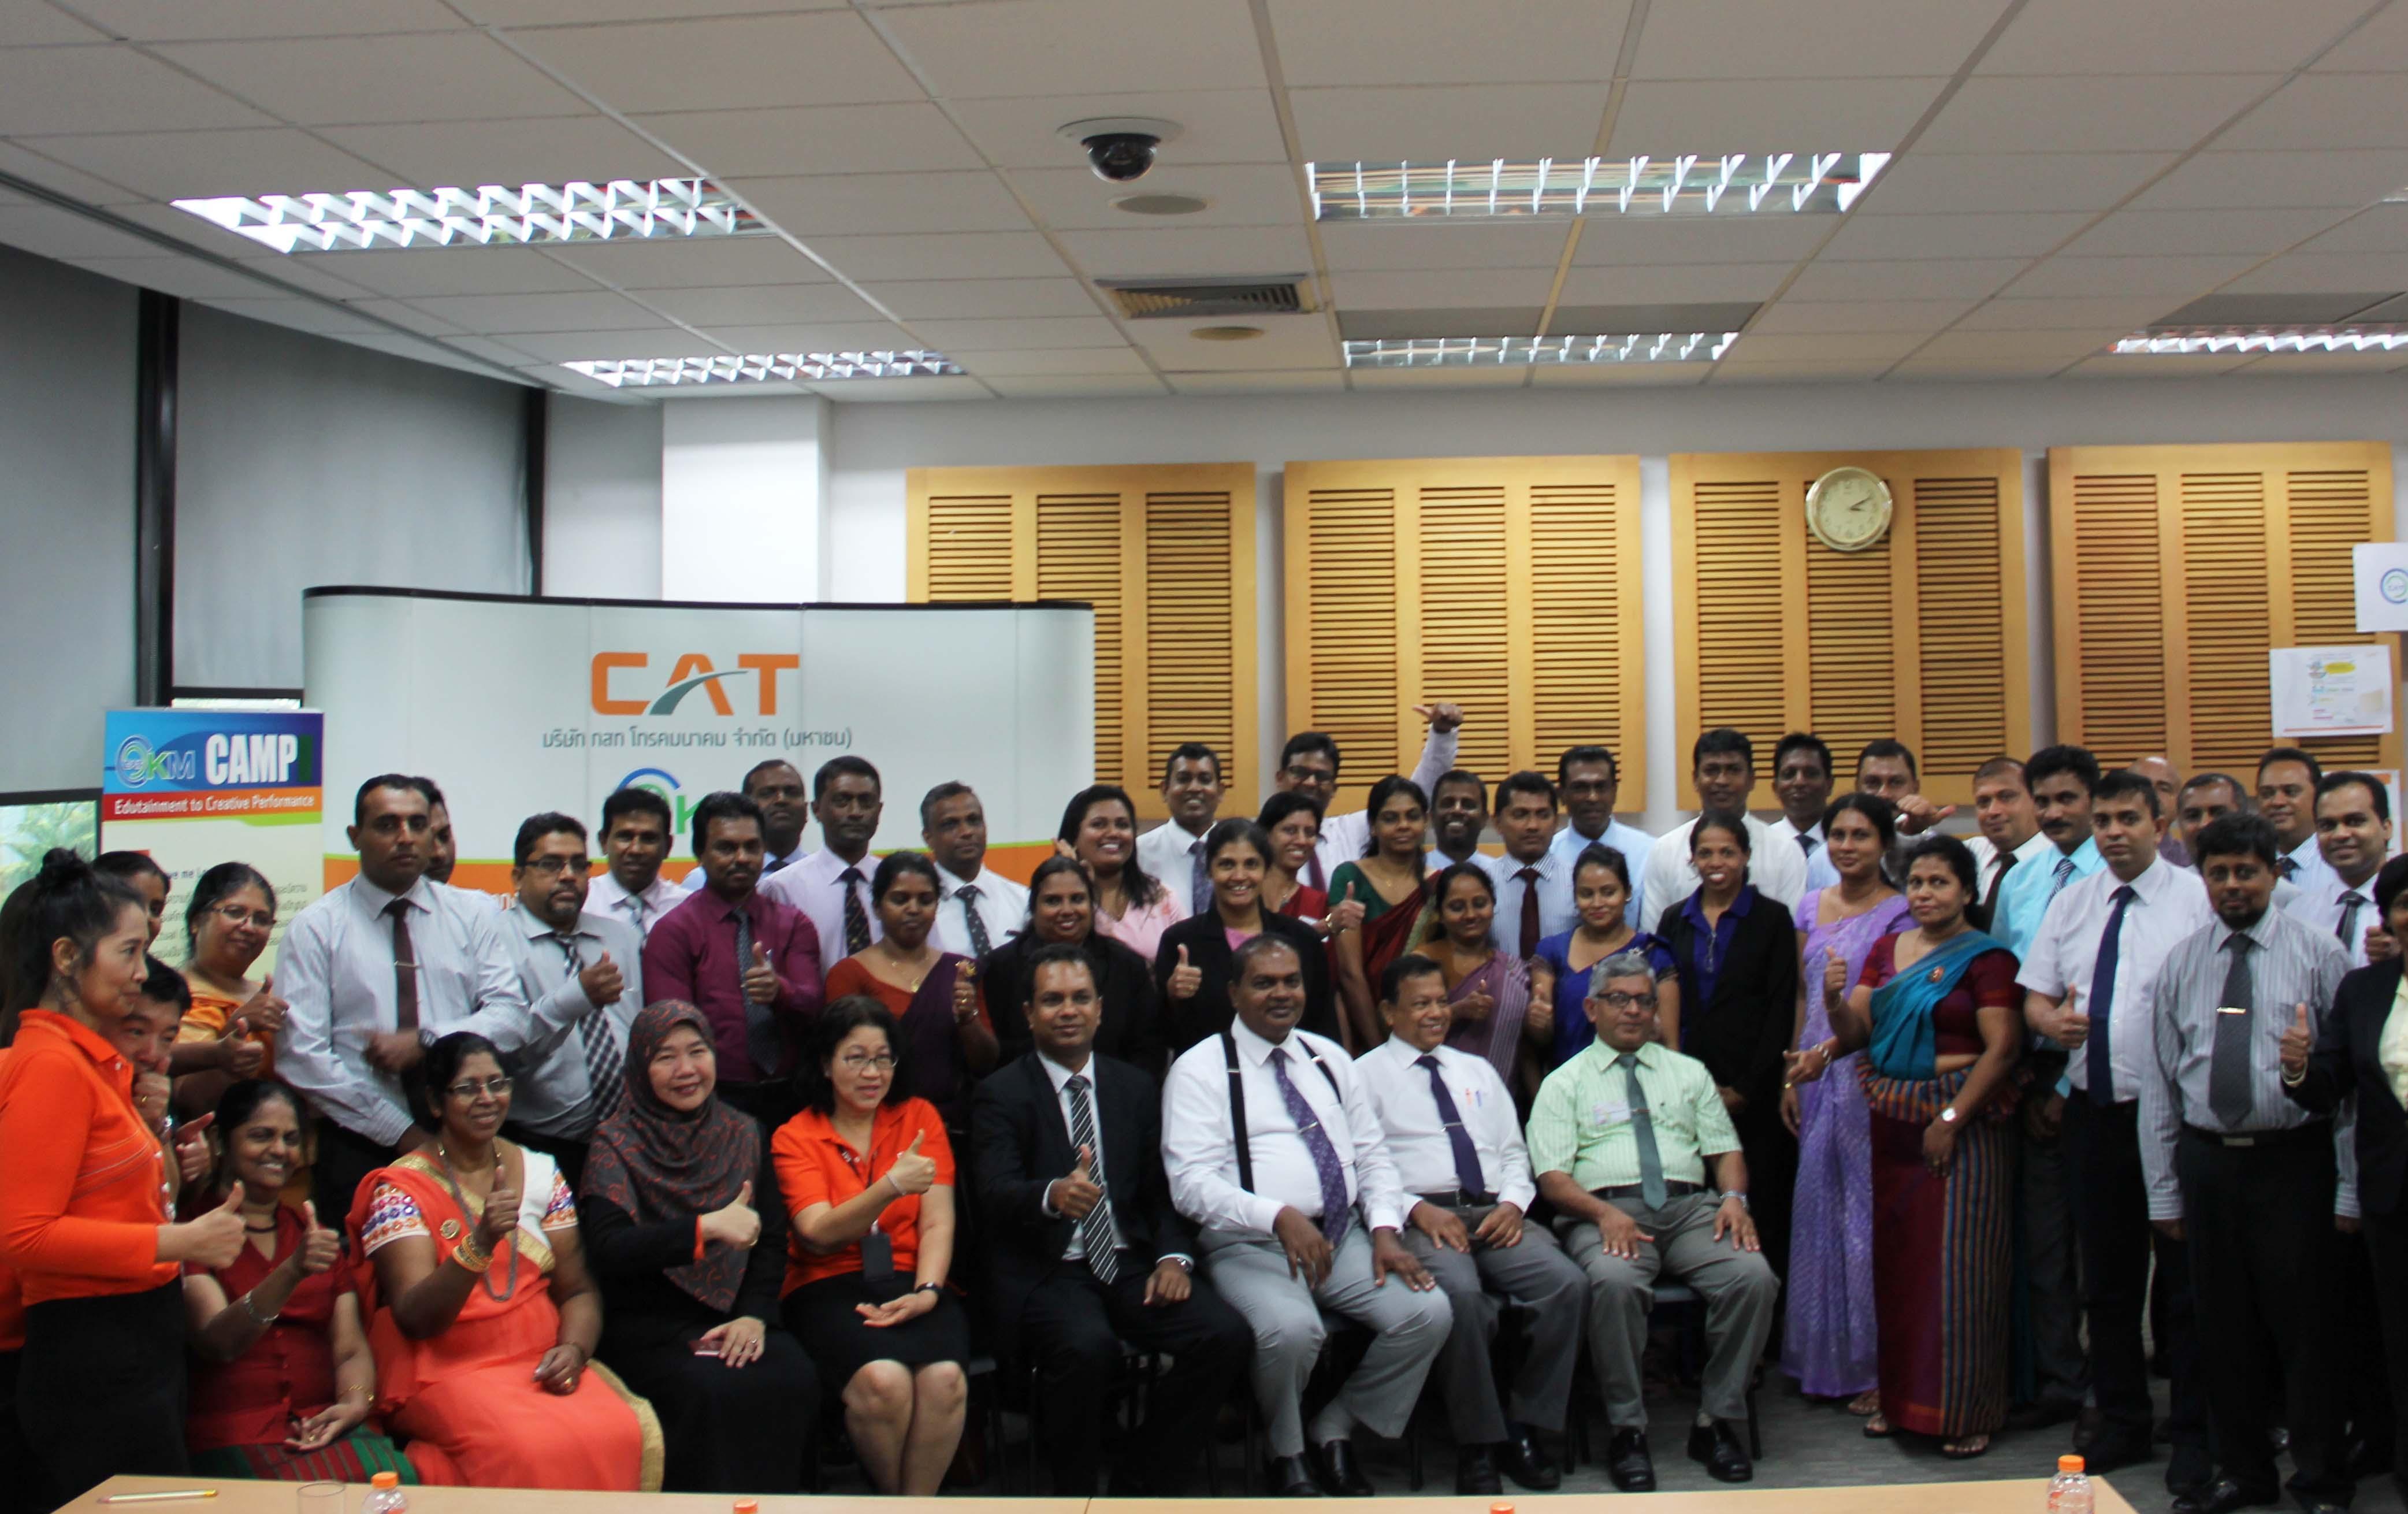 คณะข้าราชการจาก University of Sri Jayewardenepura ประเทศศรีลังกา เข้าศึกษาดูงานการจัดการความรู้ของ CAT KM